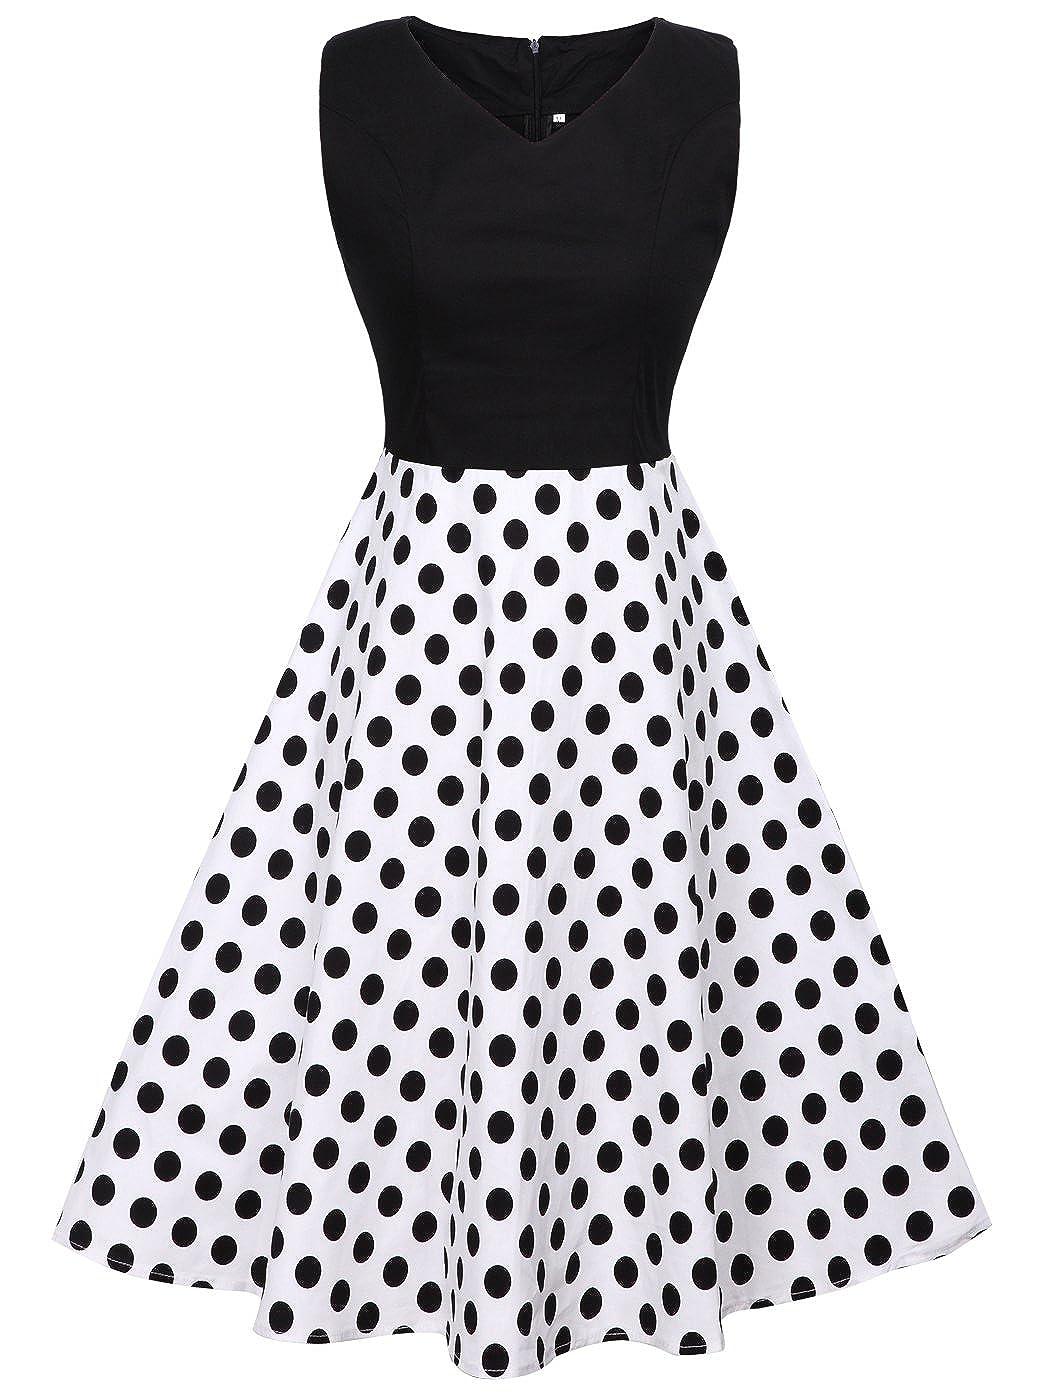 FAIRY COUPLE 1950S Vintage Rockabilly Lunares Vestido de Baile DRT072(3XL, Negro+Blanco Negro Puntos): Amazon.es: Ropa y accesorios